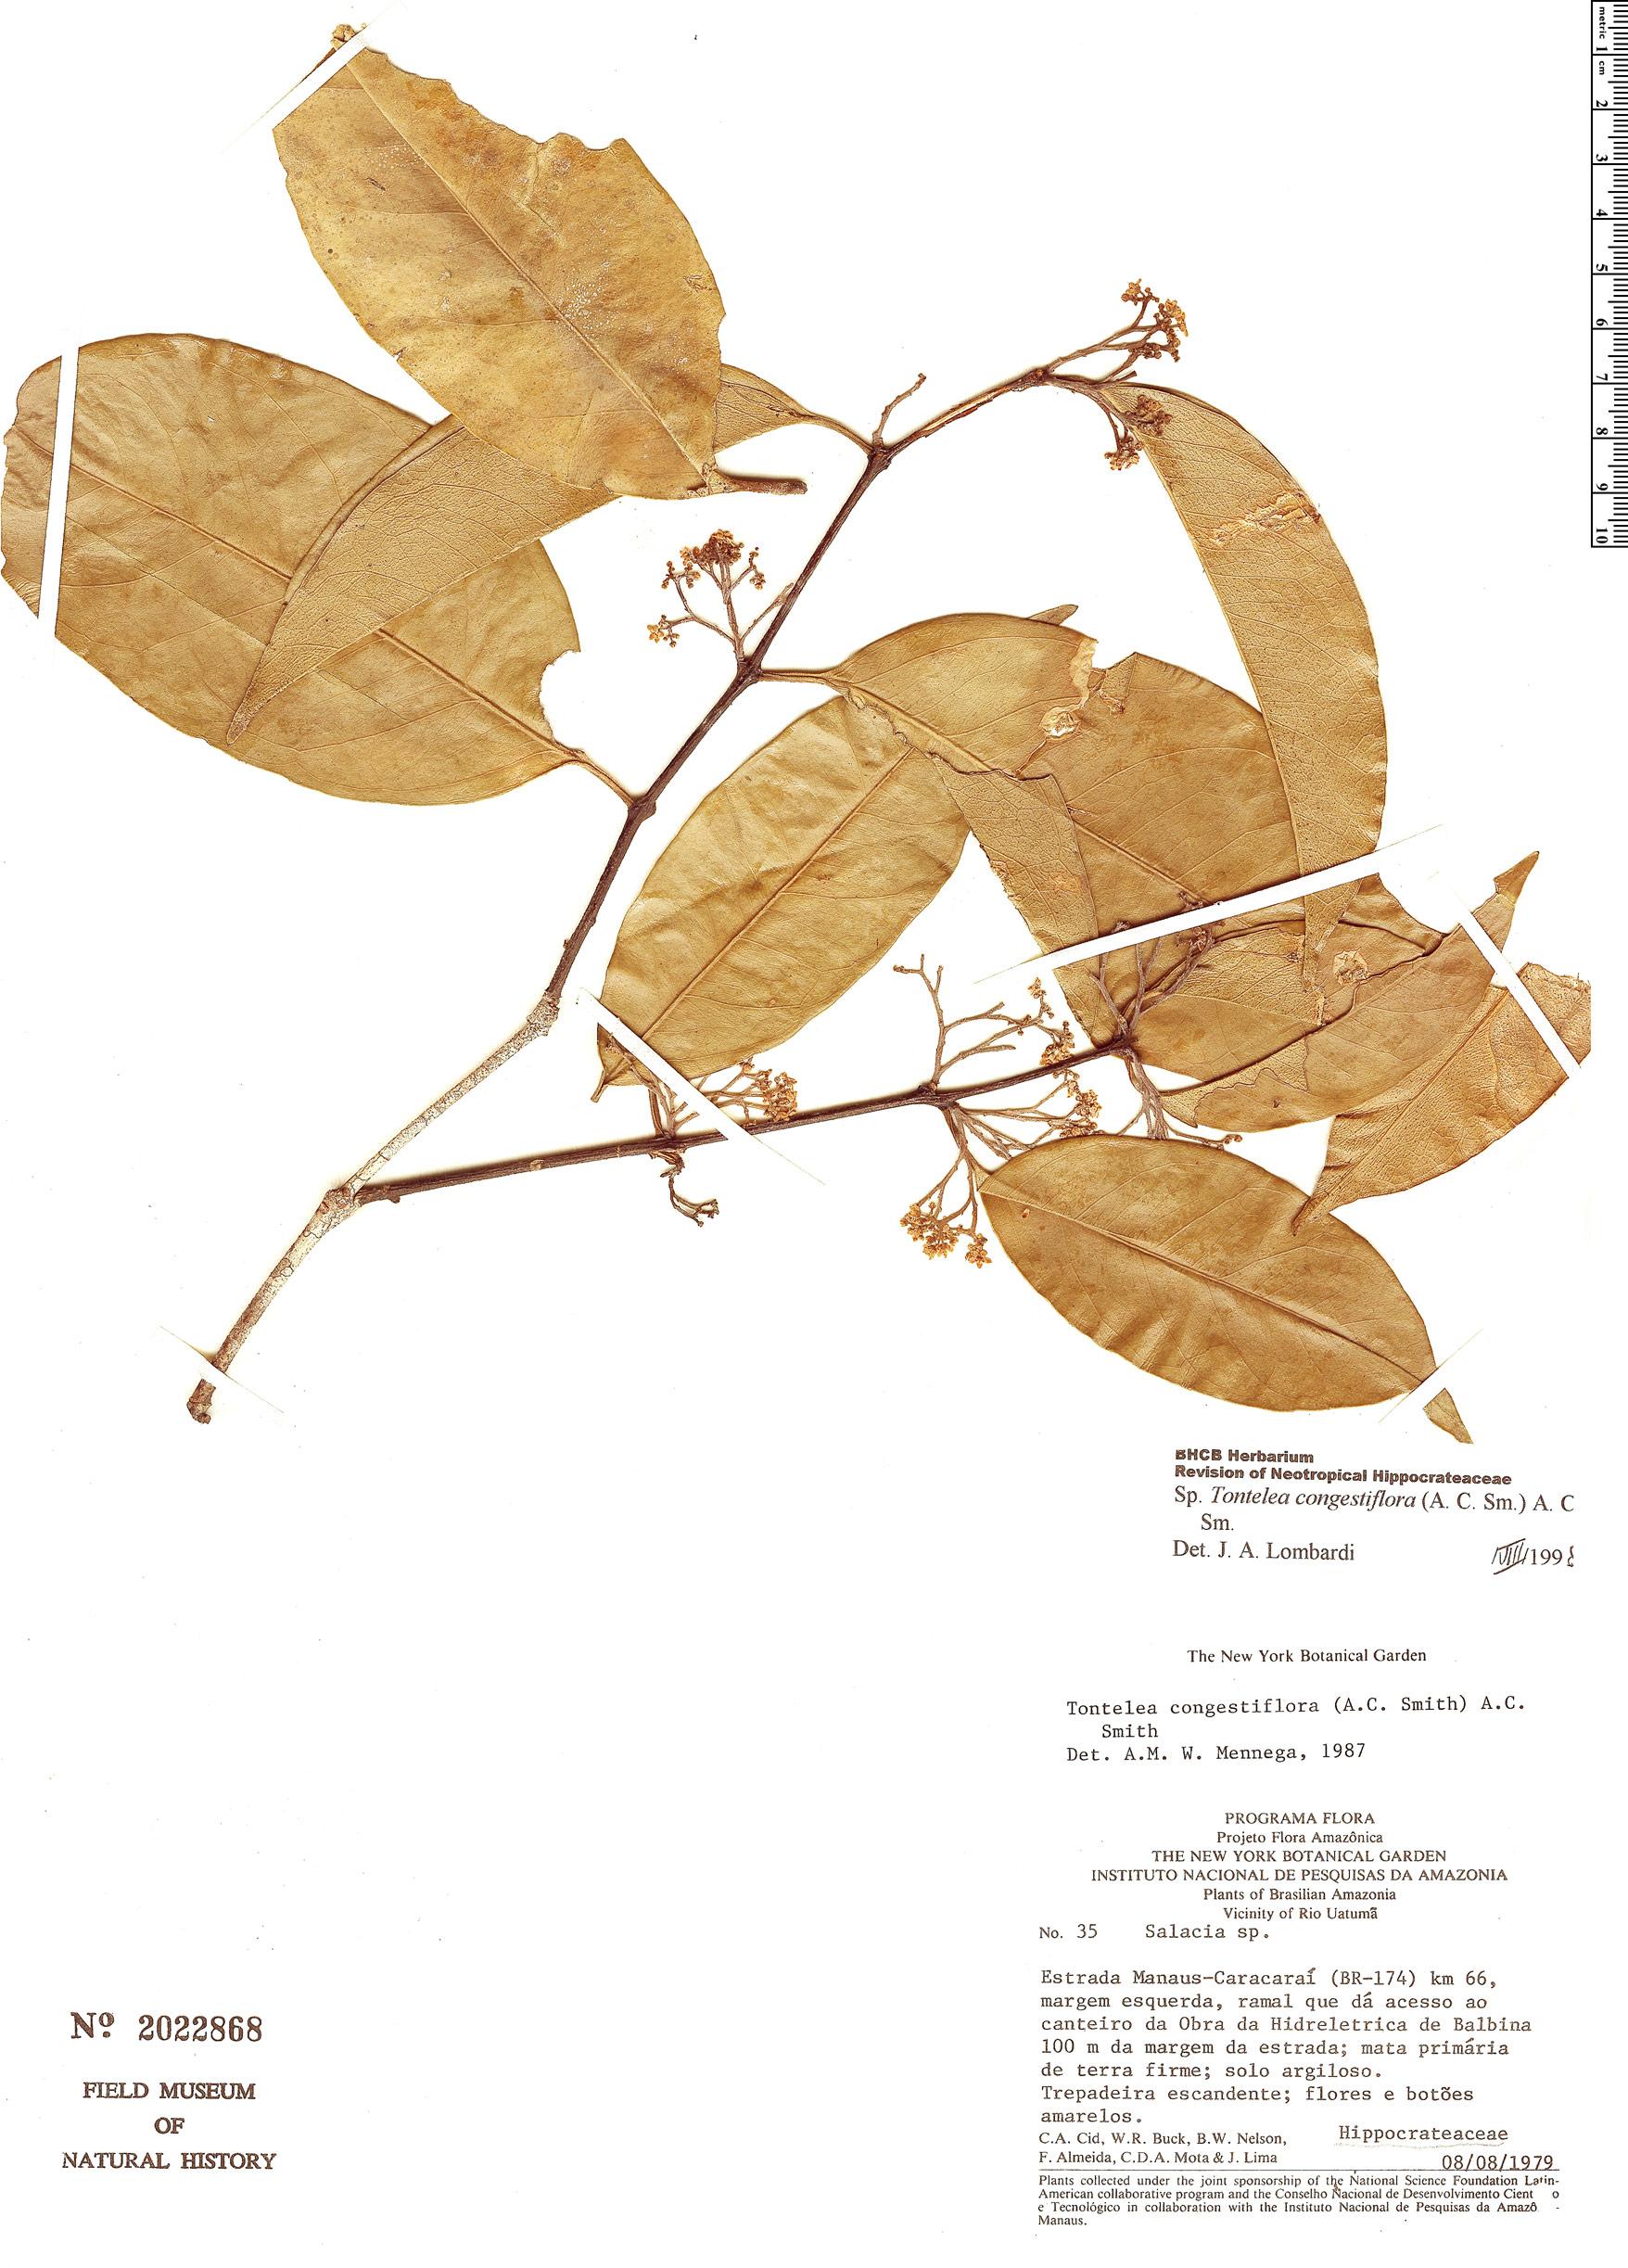 Espécimen: Tontelea congestiflora